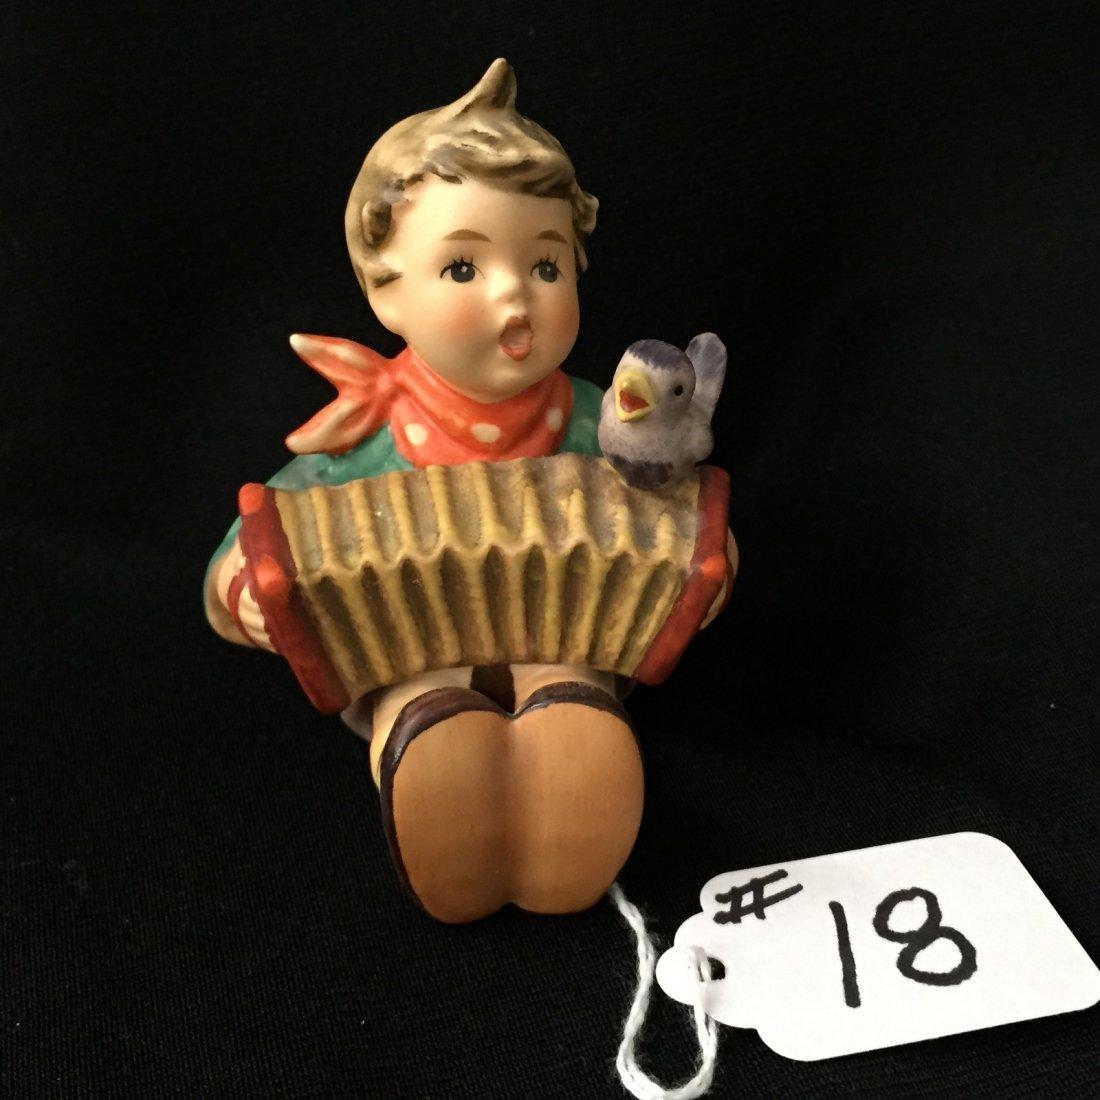 Hummel Figurine: Lets Sing #110/0 TM 5. Book Value